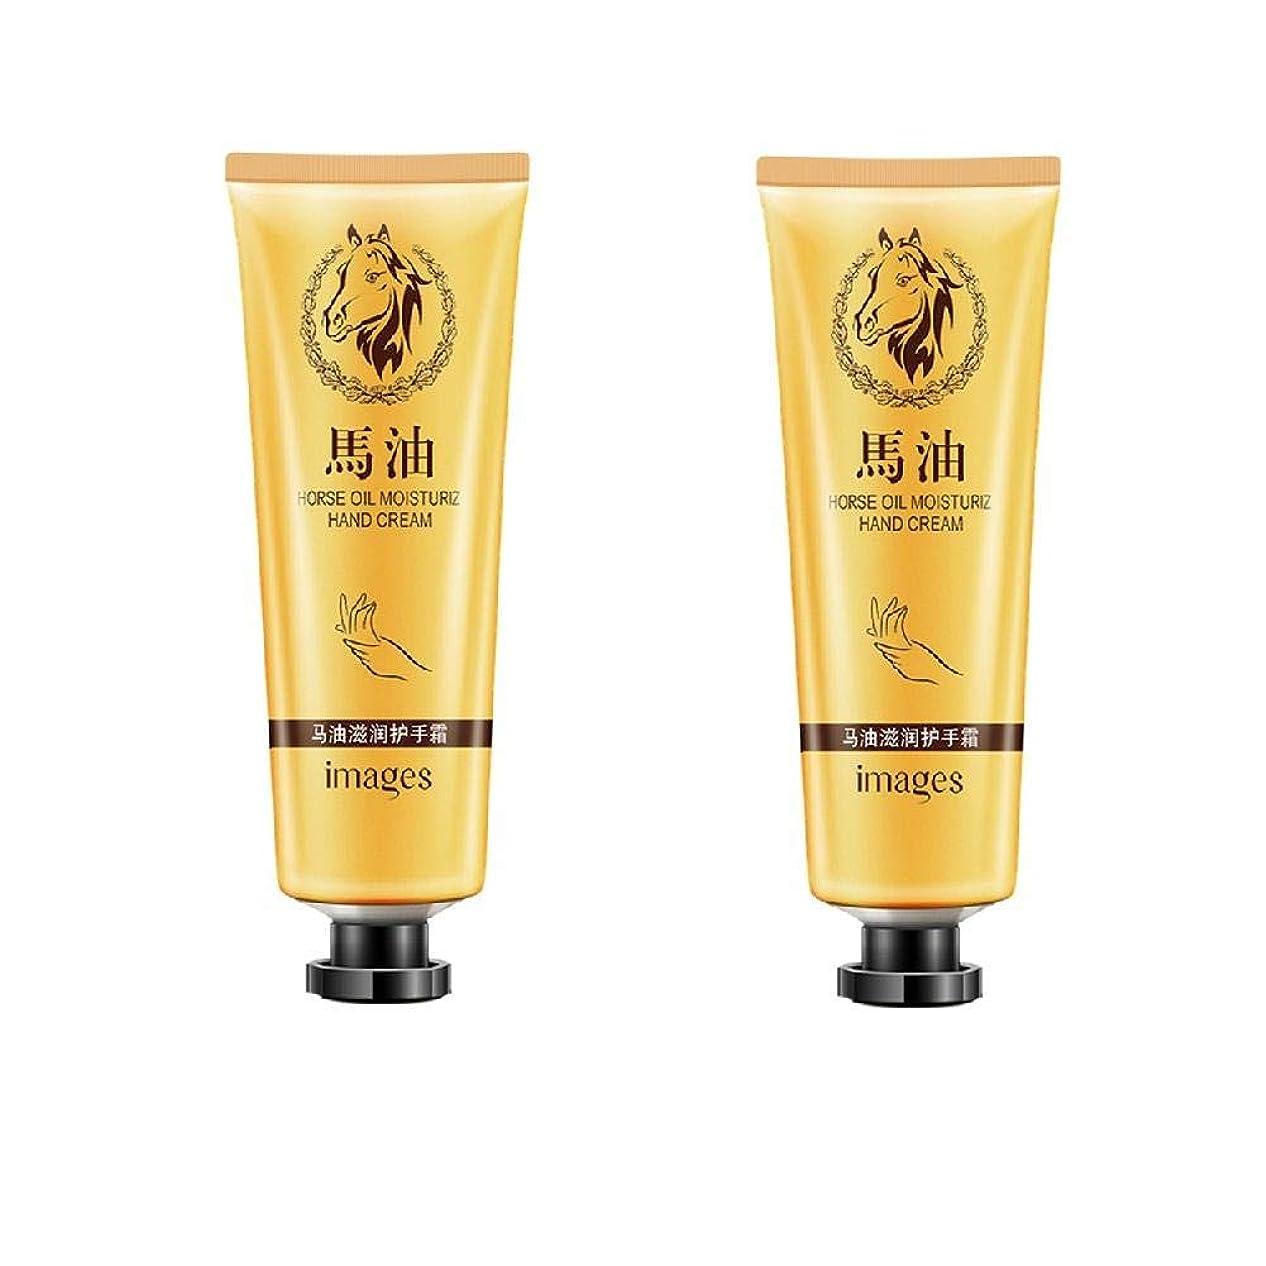 証人主人アラームRuier-tong 馬油ハンドクリーム お得2本セット インテンスリペア ハンドクリーム &ボディローション 皮膚があかぎれ防止 ハンドクリーム 手肌用保湿 濃厚な保湿力 低刺激 超乾燥肌用 30g